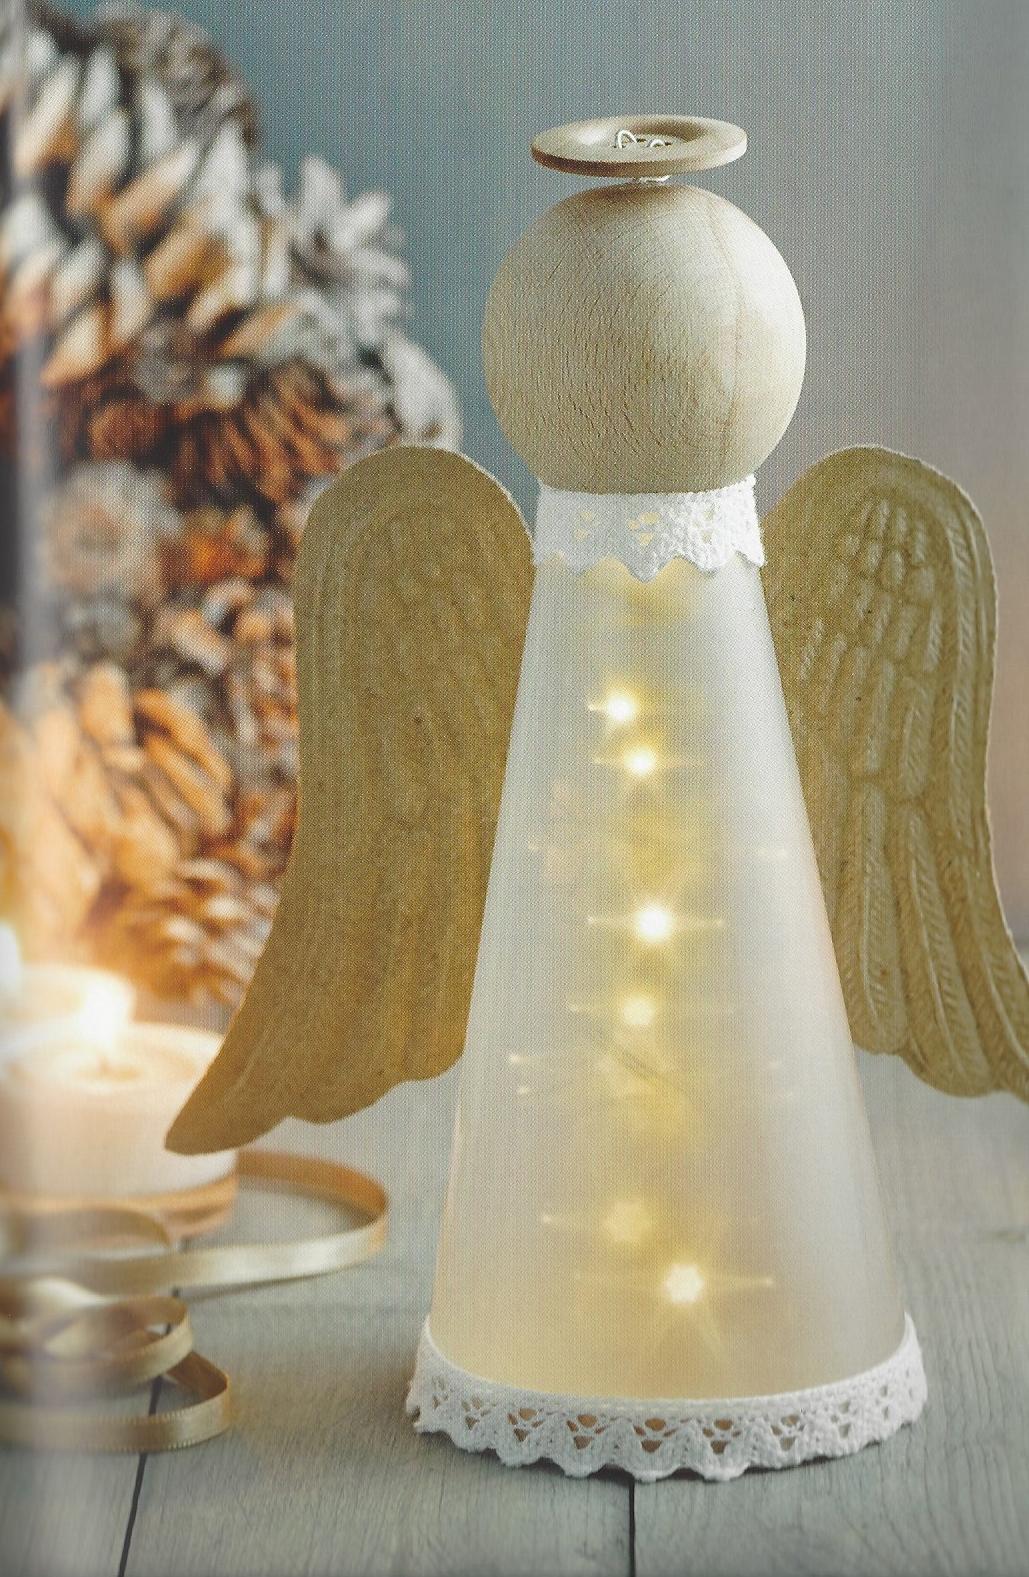 Licht-Engel Beispiels-Bild Buch Topp-Verlag